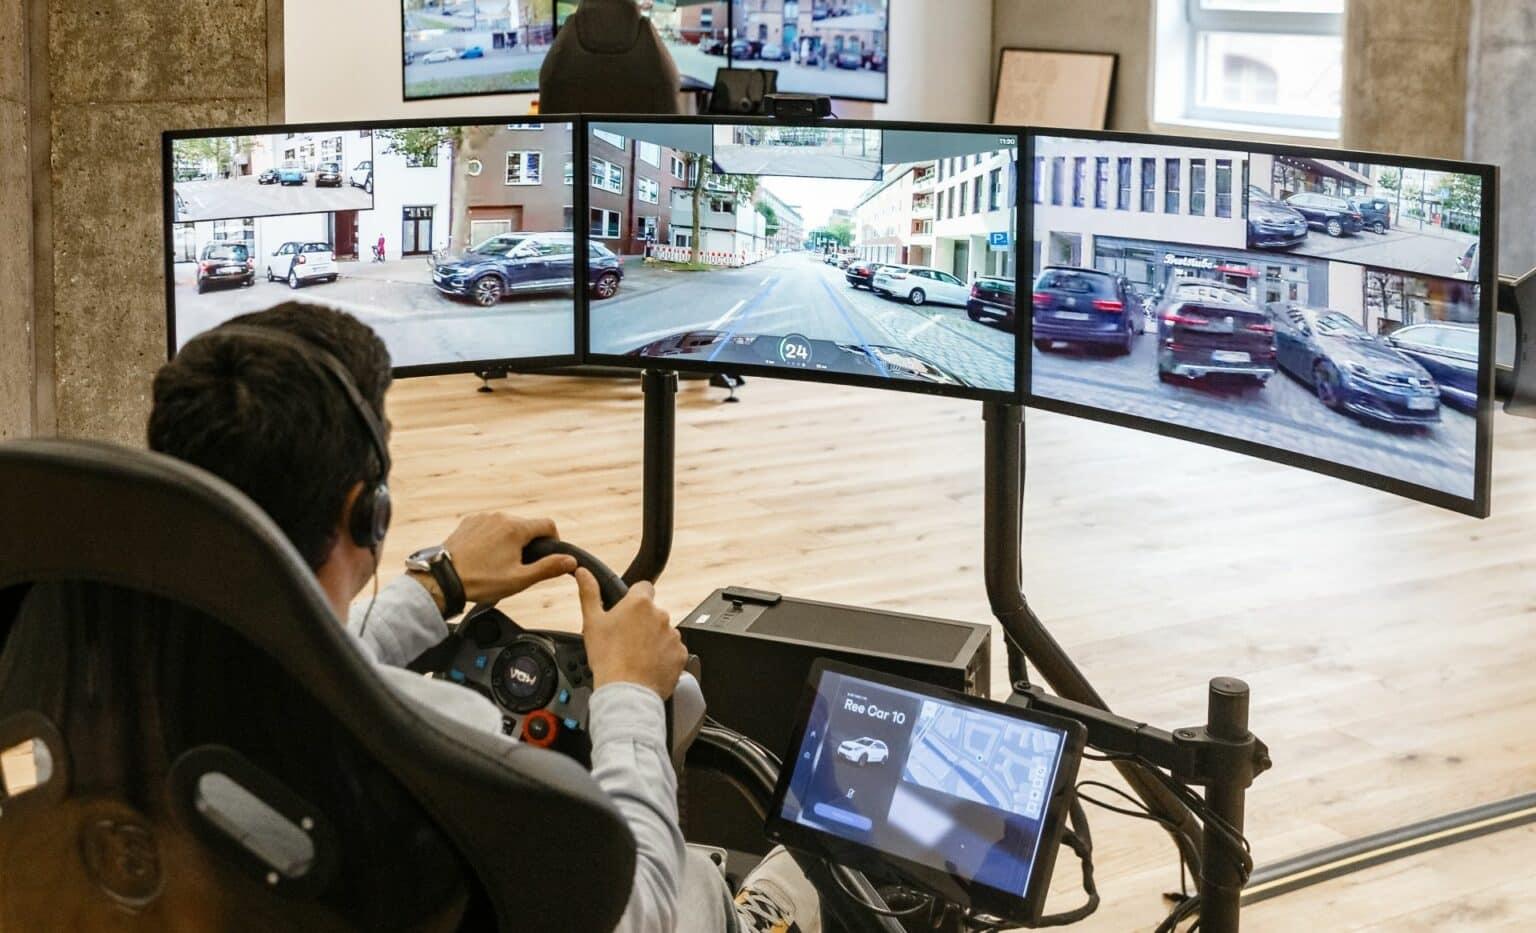 Ein Telefahrer des Mobilitätsanbieters Vay steuert ein Auto per Fernsteuerung. Die Fahrzeuge werden so, ohne Fahrer im Auto, punktgenau zum Kunden gefahren und bereitgestellt, und nach der Fahrt wieder per Telefahrer geparkt oder weitergefahren.